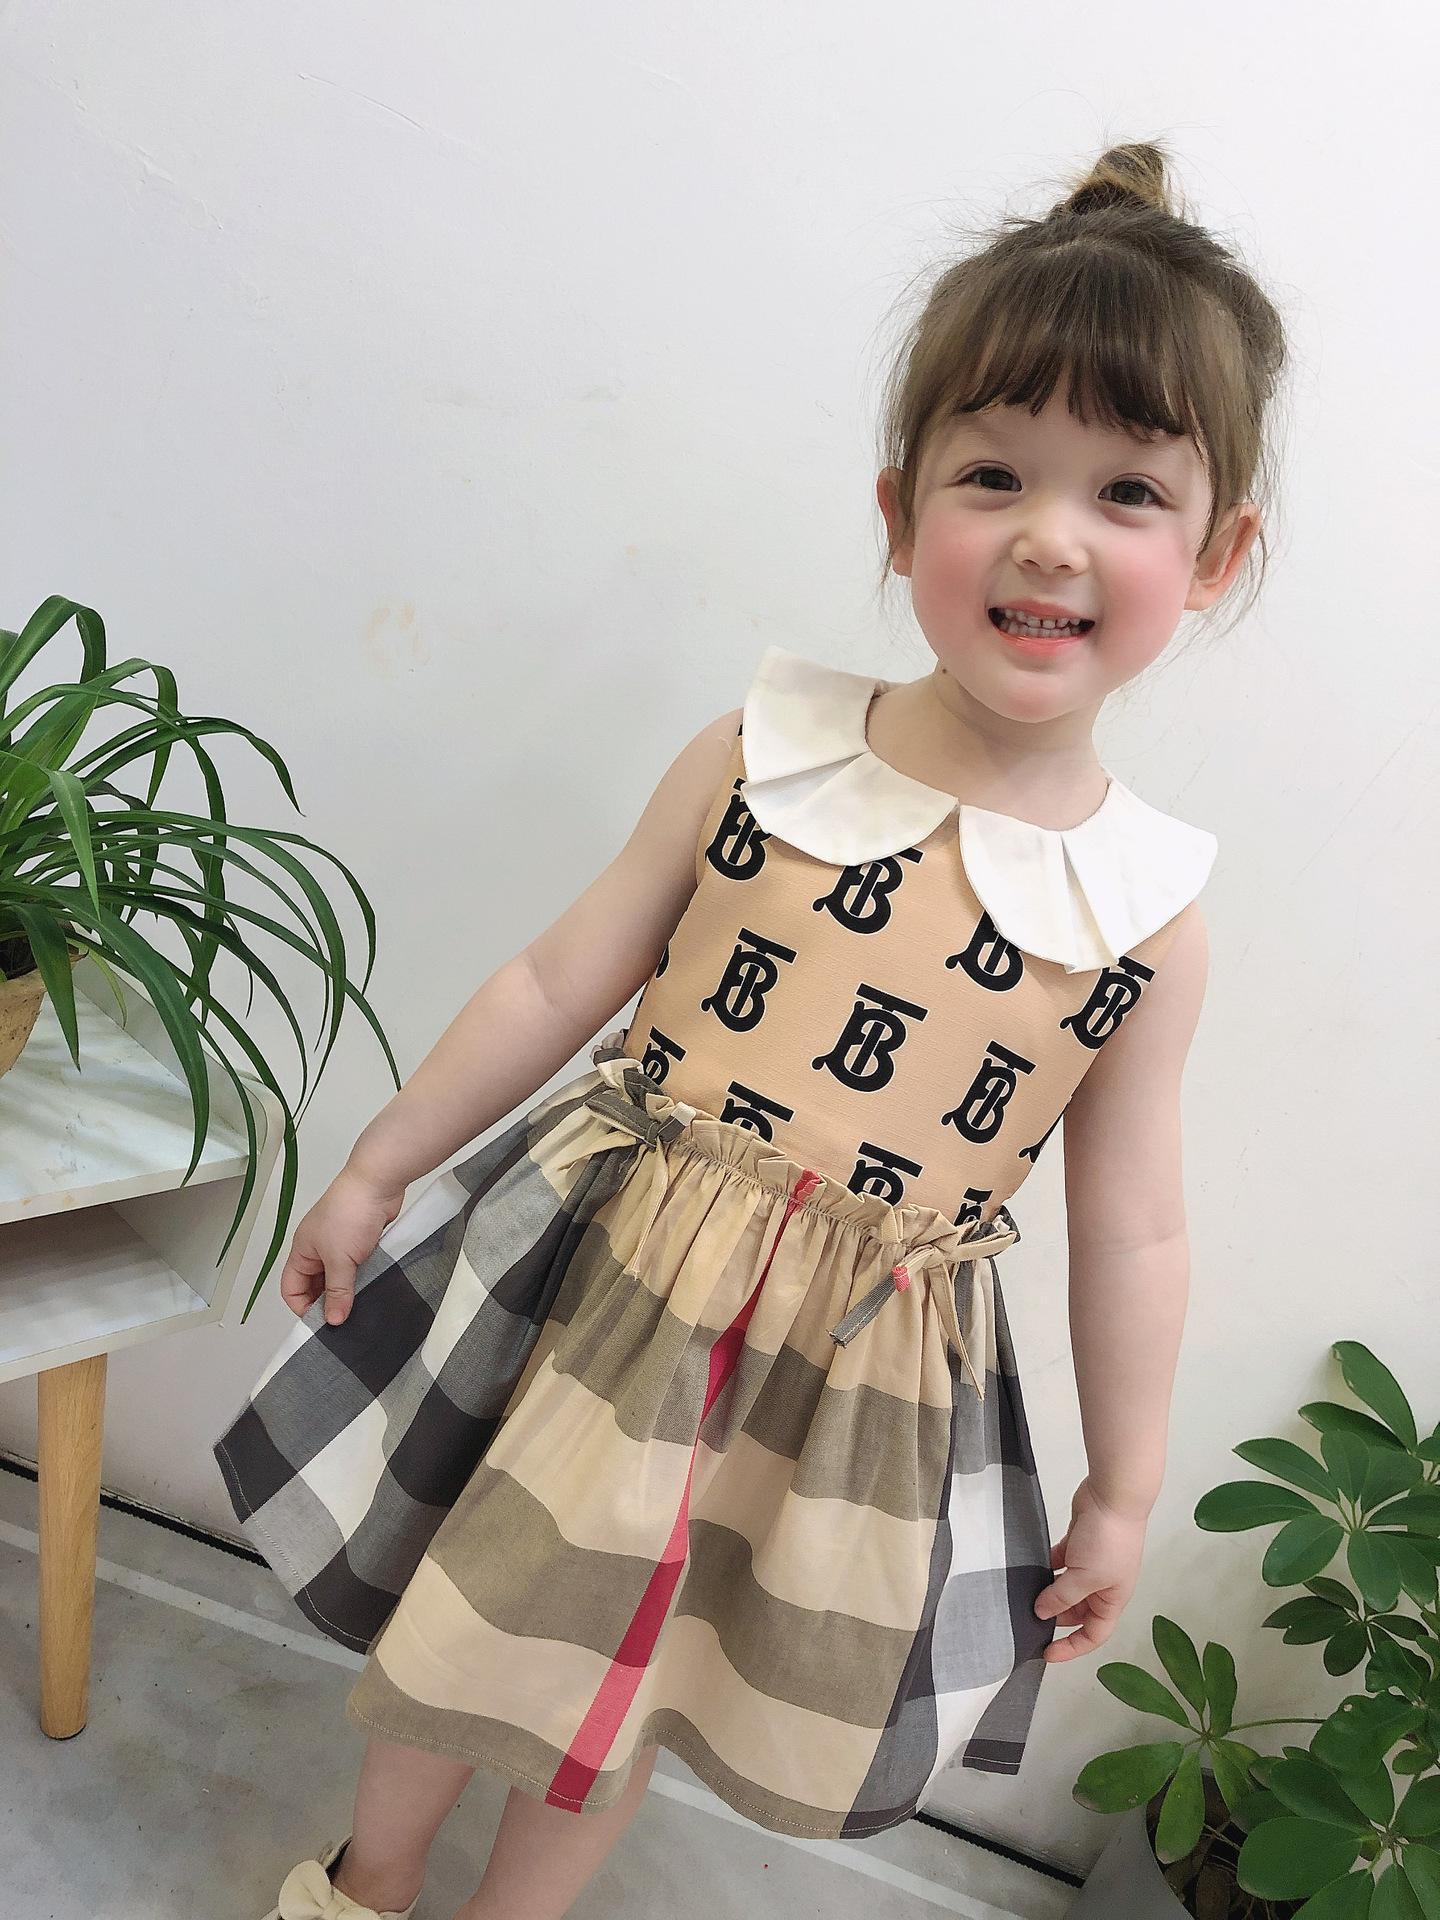 Девушки клетчатые платья дизайнер 2020 лето новые девушки кукла лацкан письмо сращивание плед плиссированные платья дети Луки рябить платье принцессы A2012